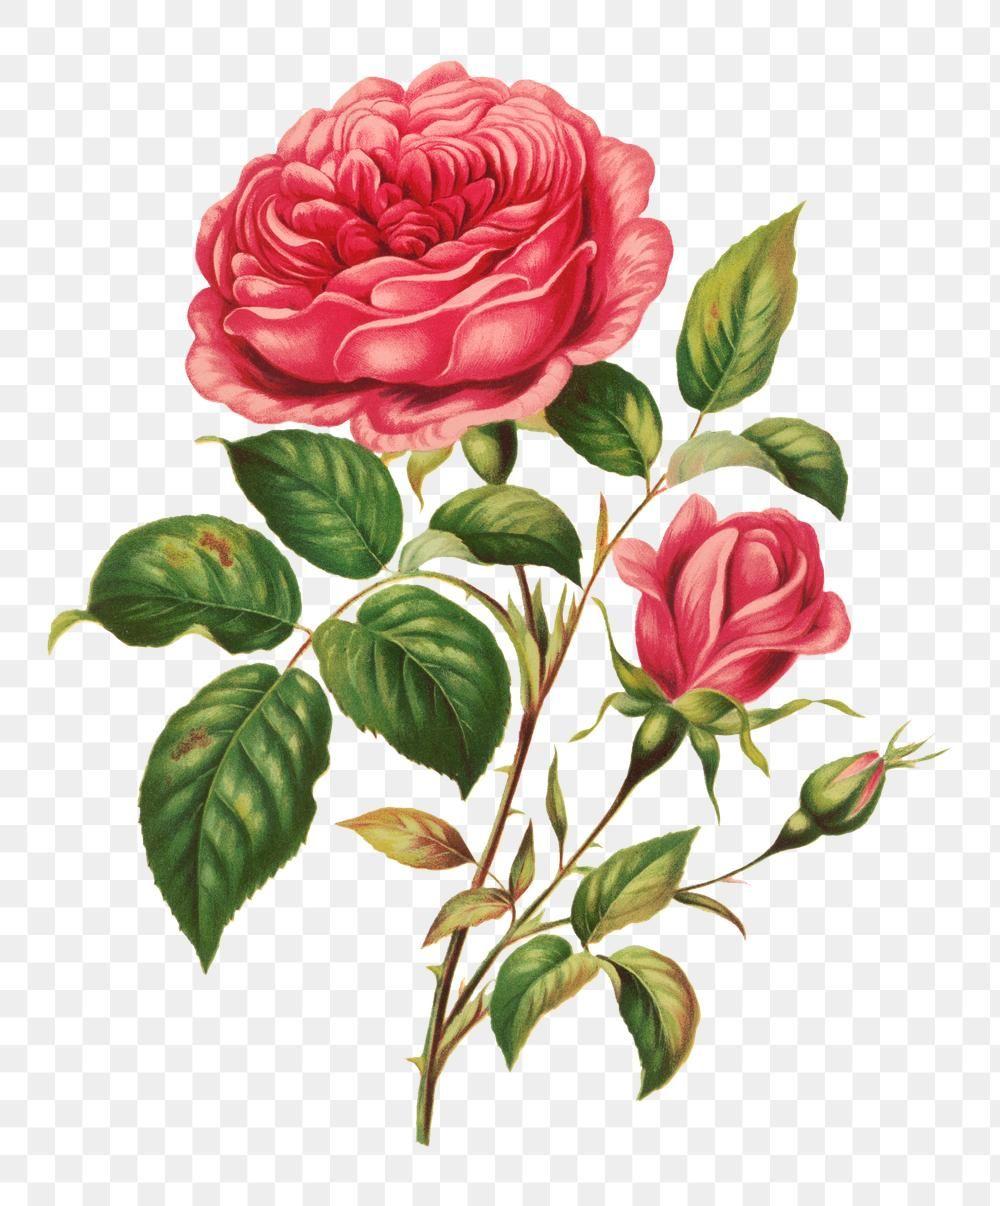 Vintage Rose Flower Botanical Png Illustration Remix From Artworks By L Prang Co Premium Image By Rawpixel Com Flower Illustration Vintage Roses Flowers